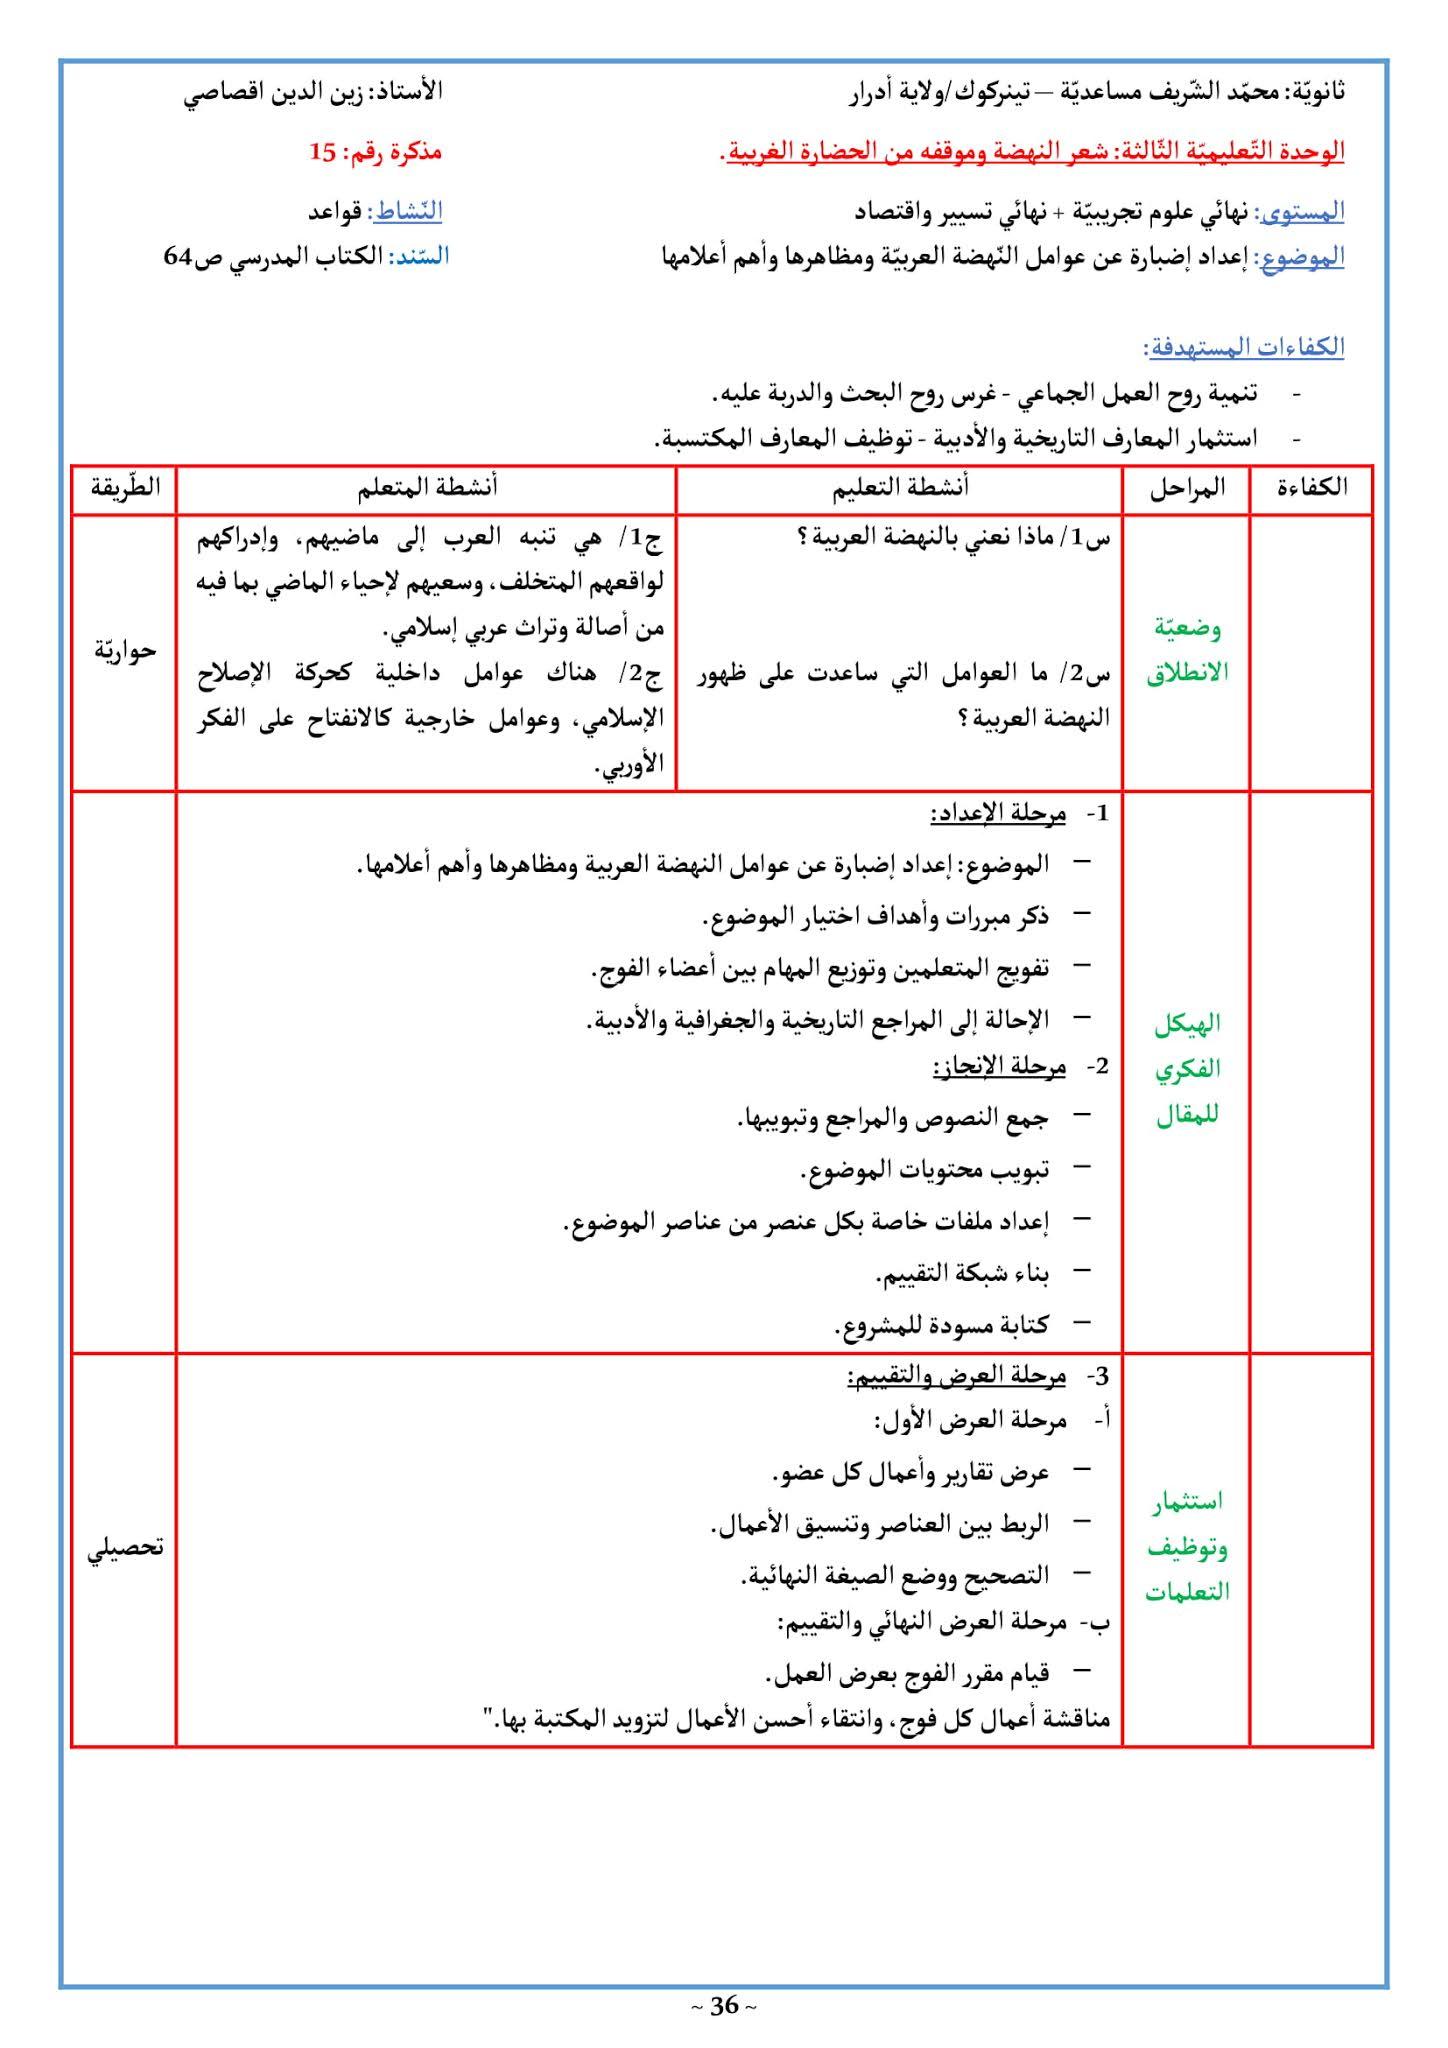 إعداد إضبارة عن عوامل النهضة العربية